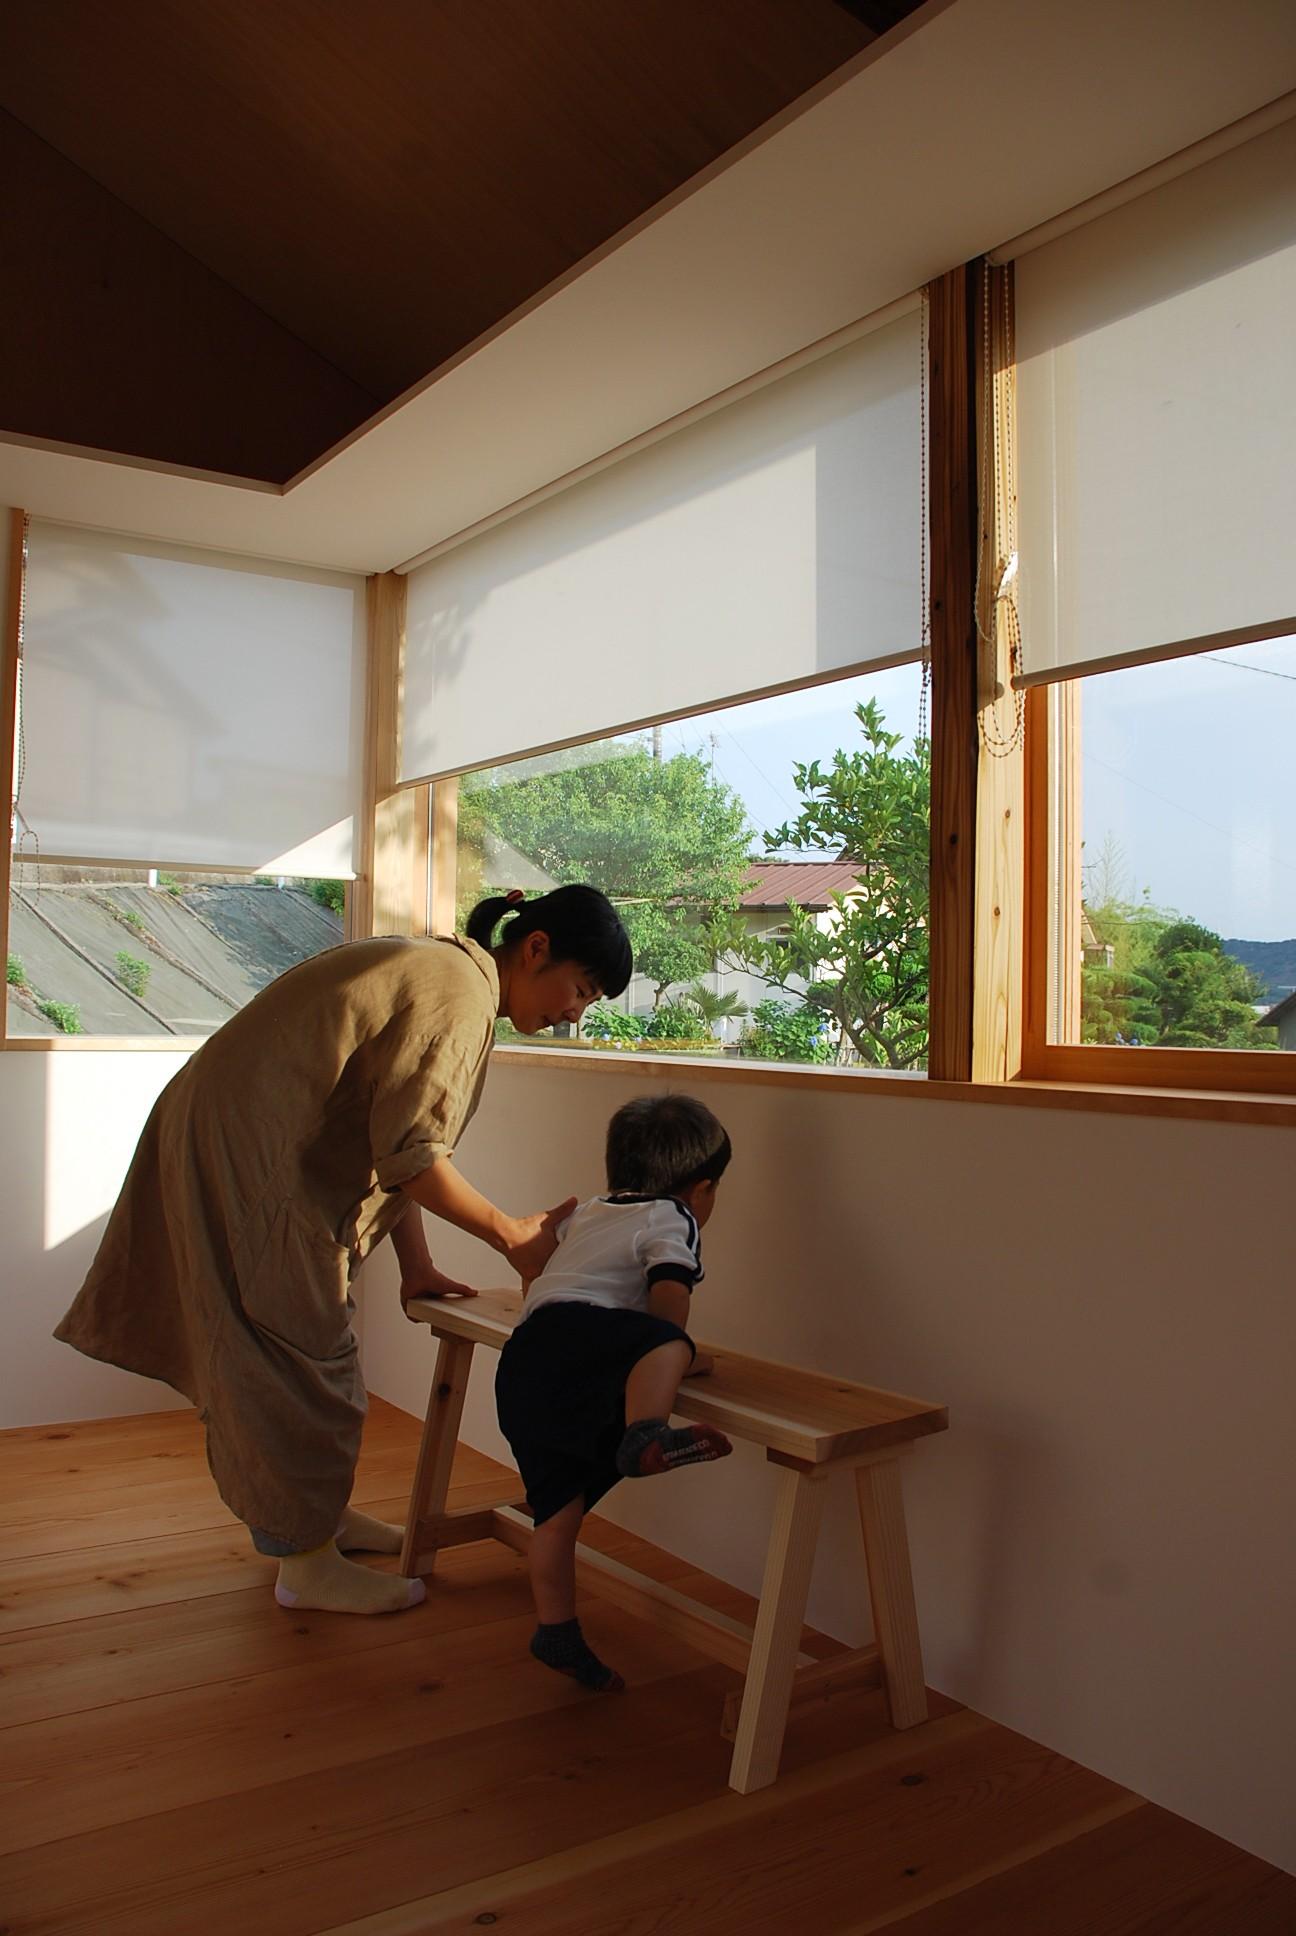 リビングダイニング事例:窓とロールスクリーン(児島の小さなアトリエ)